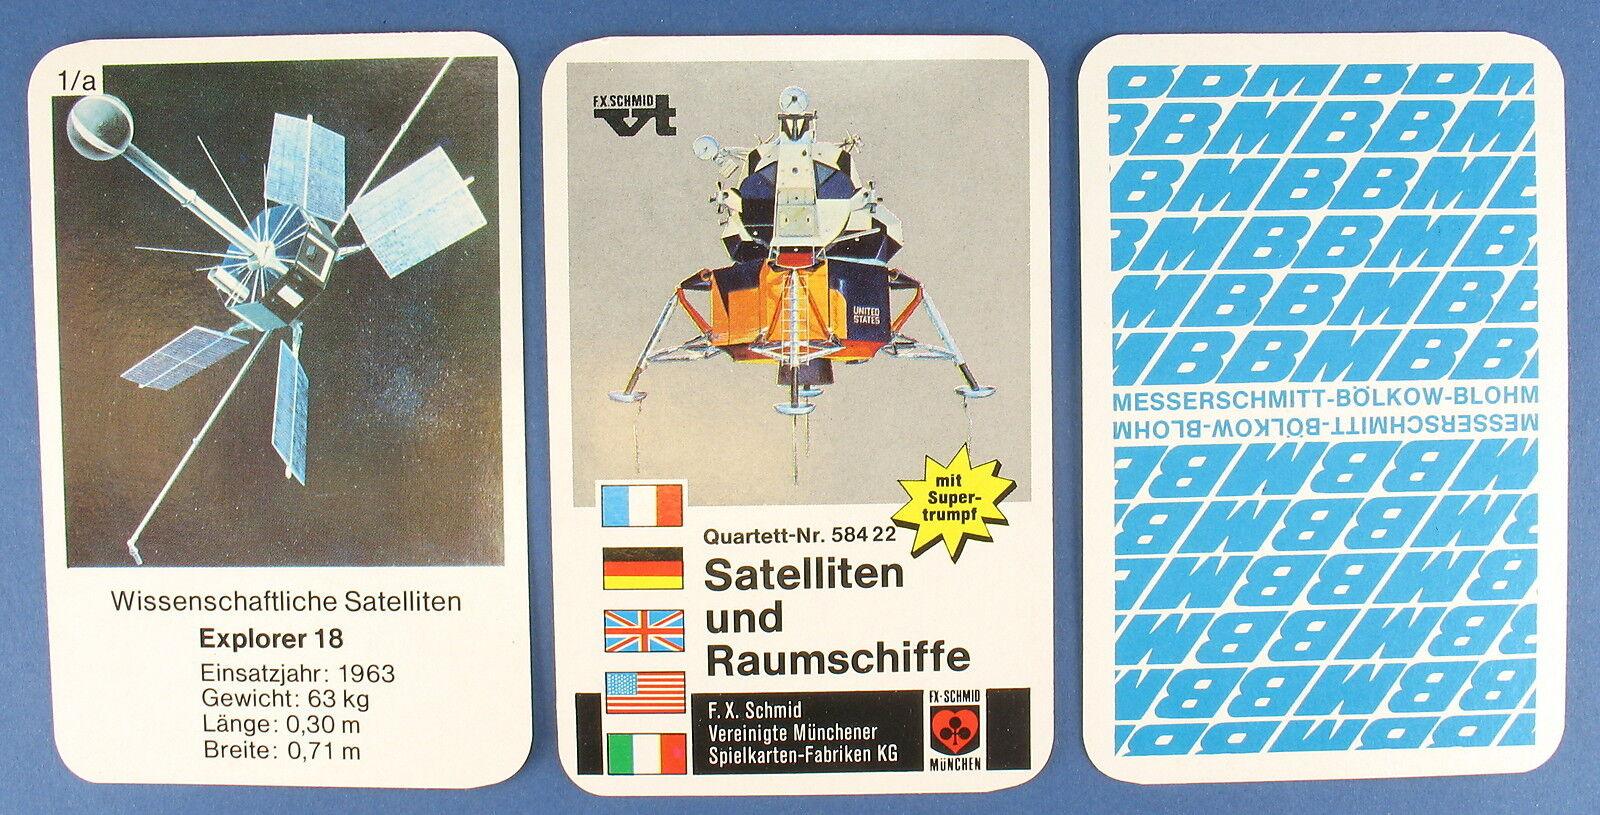 Publicité-Quatuor-Satellite vaisseaux spatiaux-MBB couteau Schmitt-bôlkow-MESSERSCHMITT Schmid 2